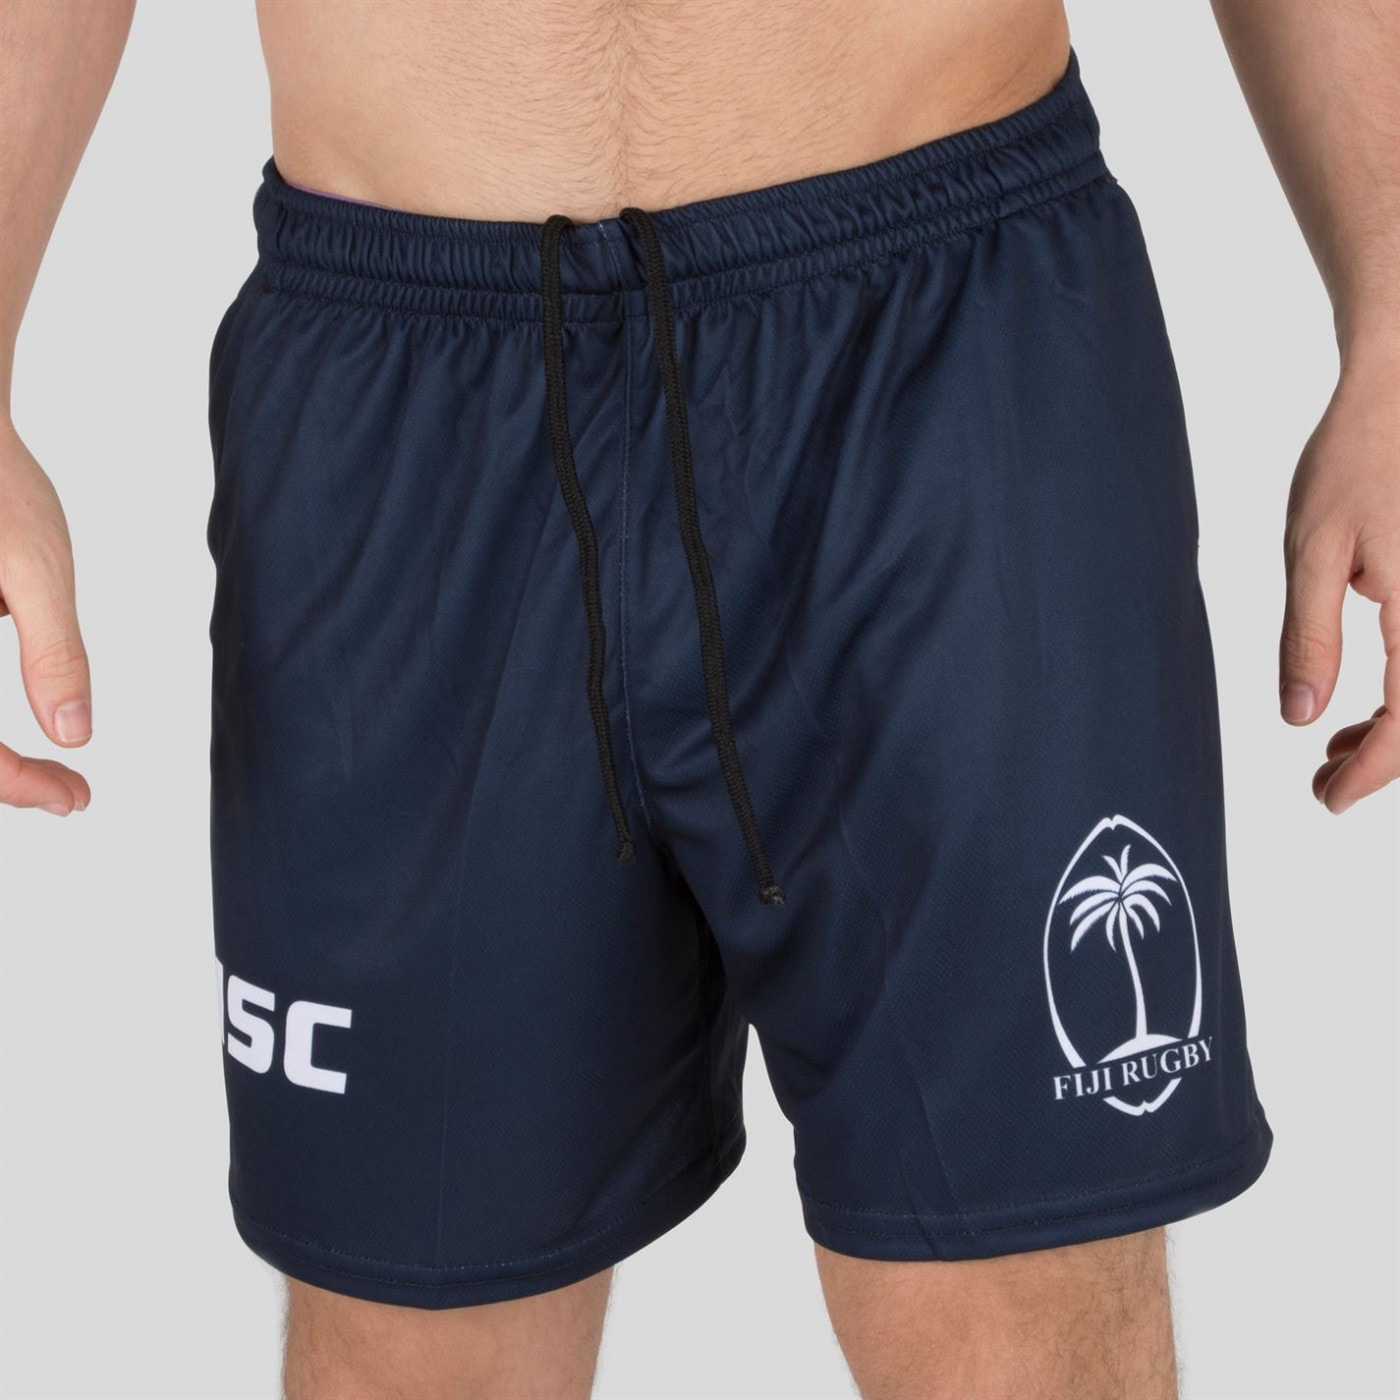 ISC Fiji 7s Shrts